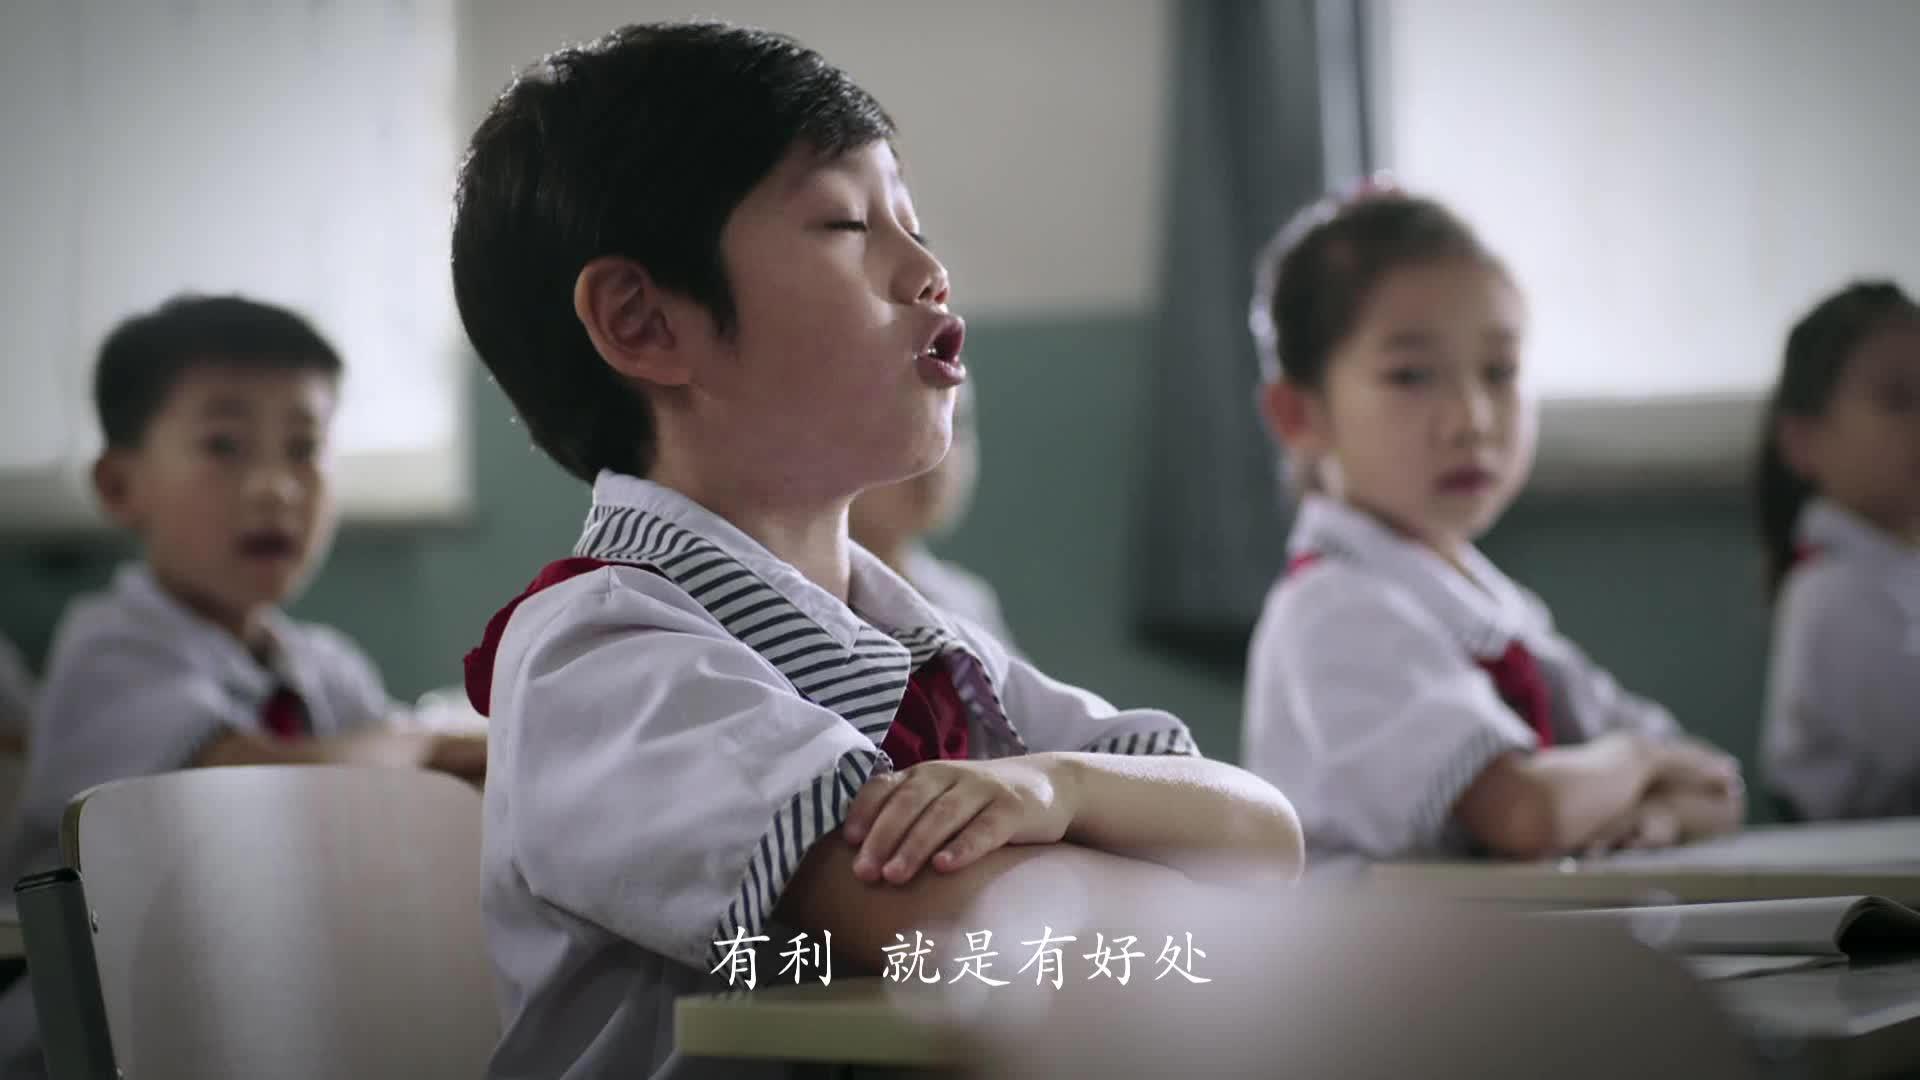 防范非法集资公益广告片(利字篇)